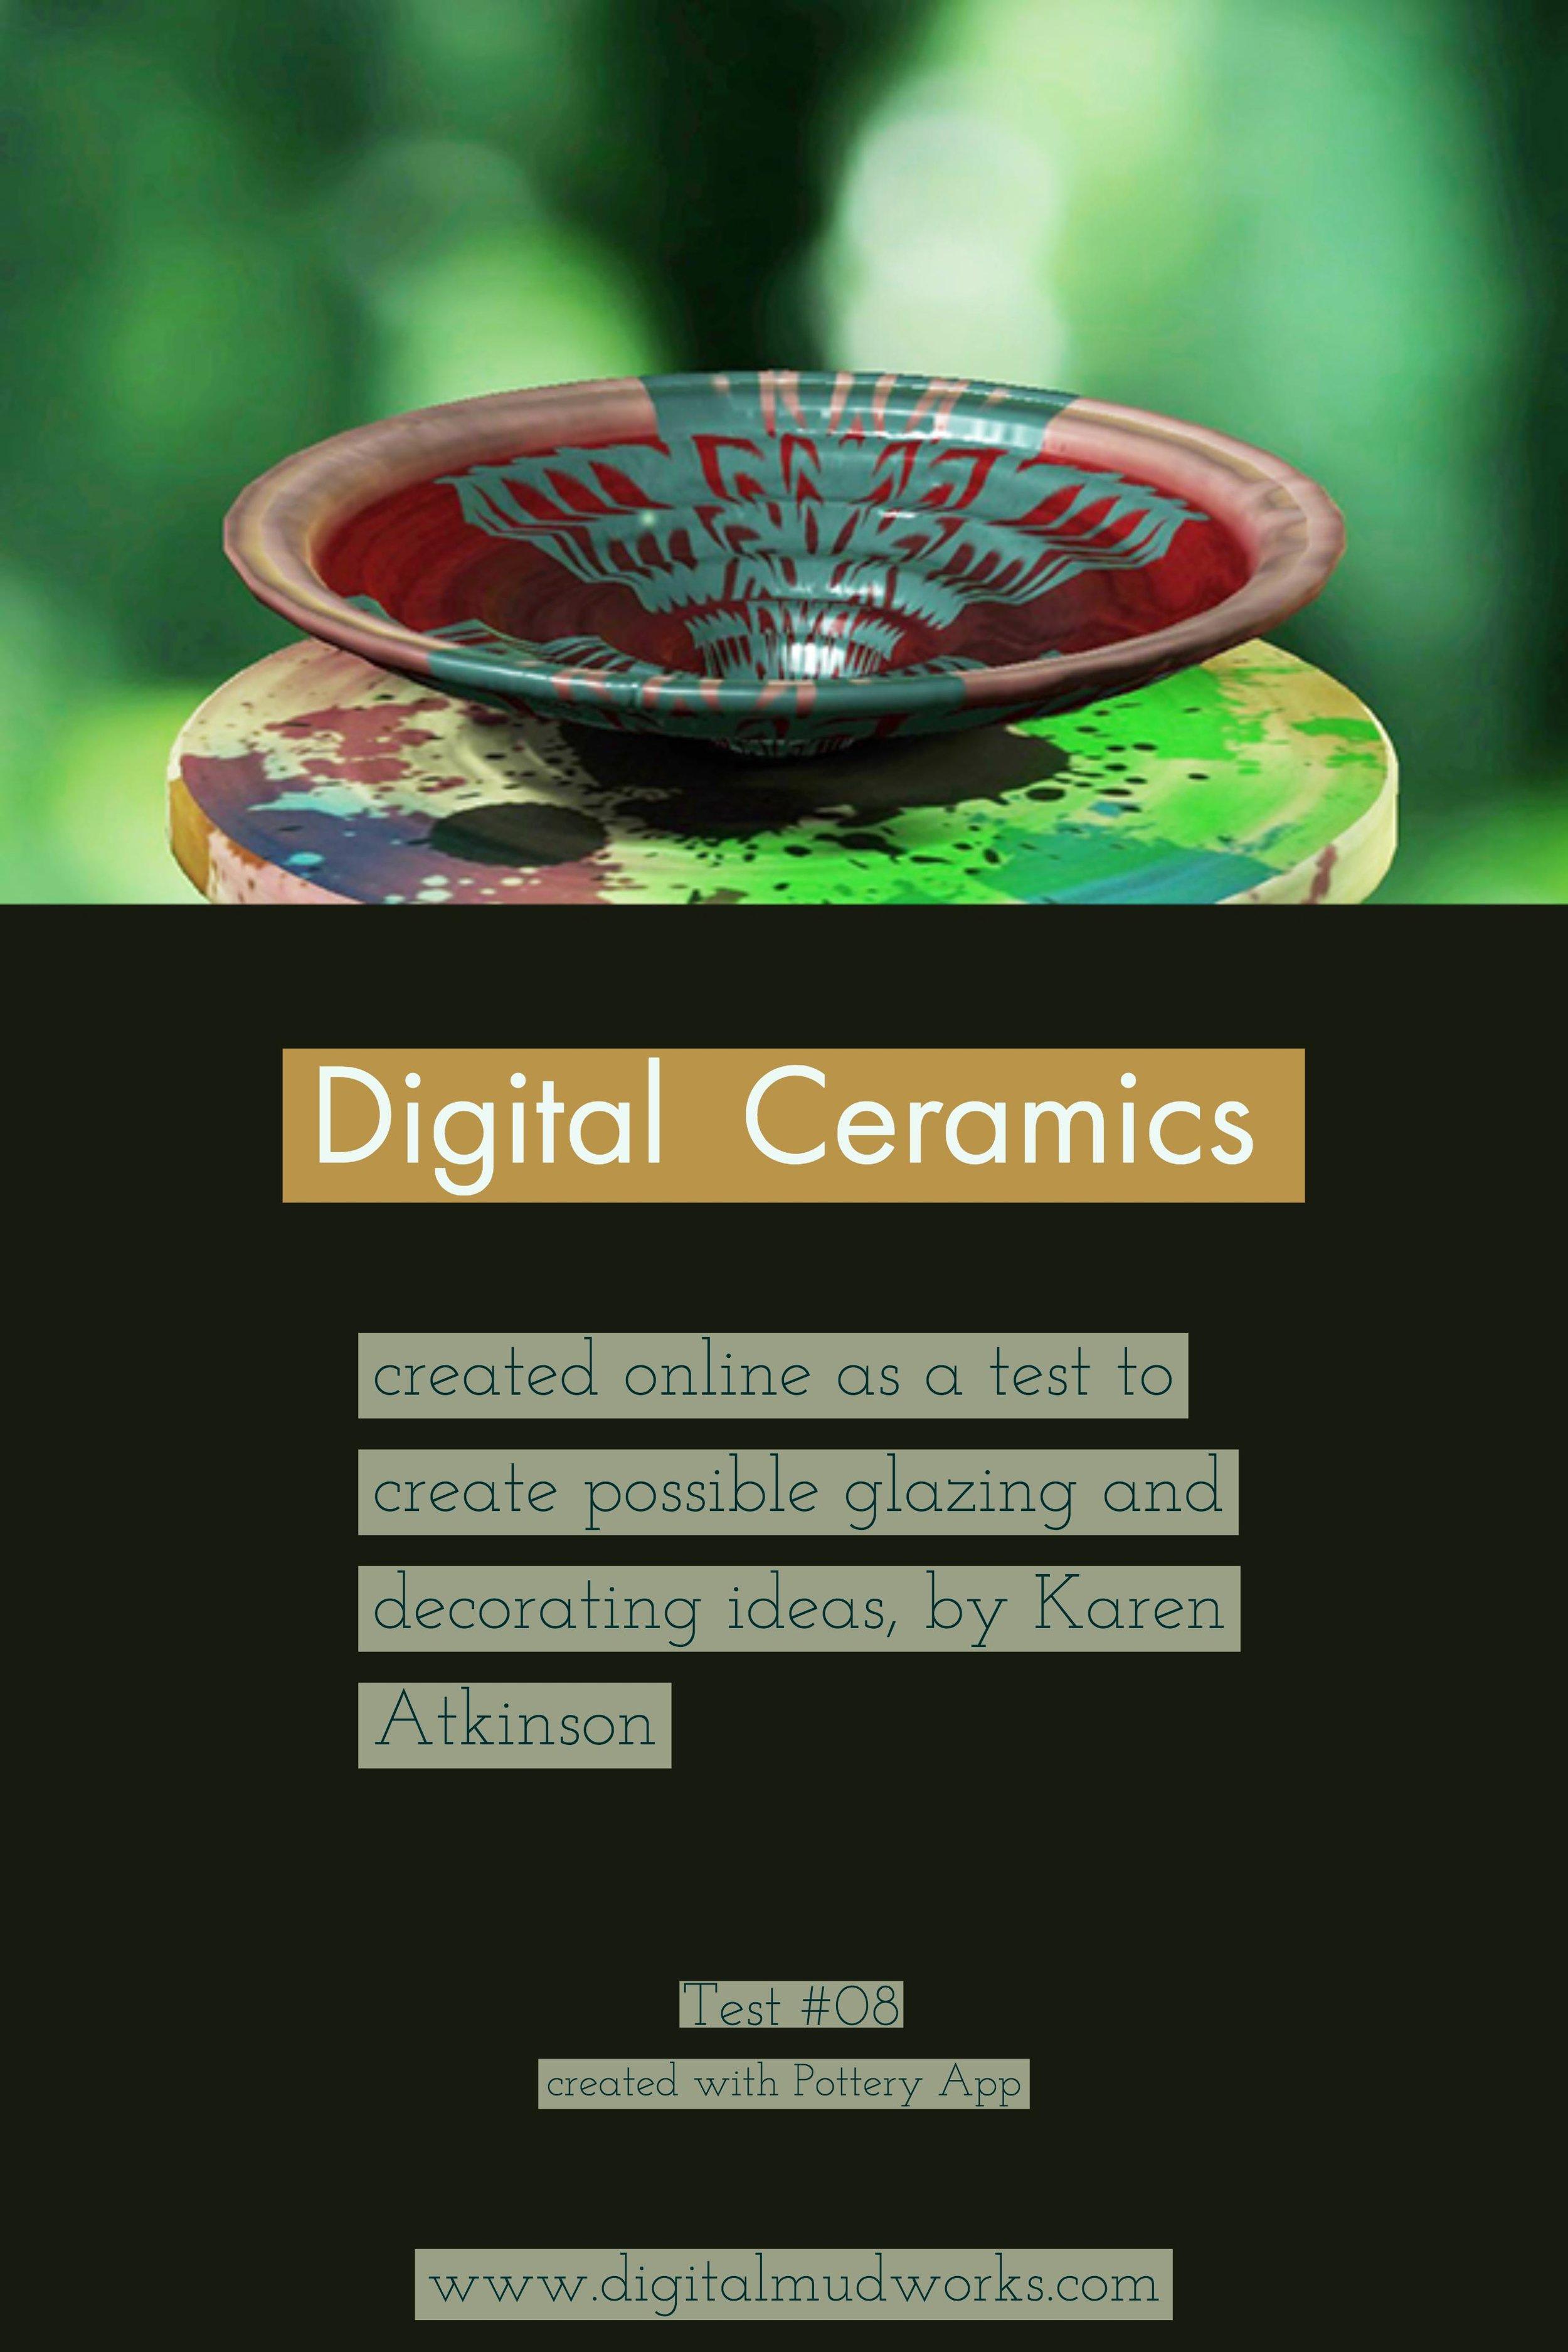 Digital Ceramics Test 08, using a computer app to do glaze and design tests. by Karen Atkinson